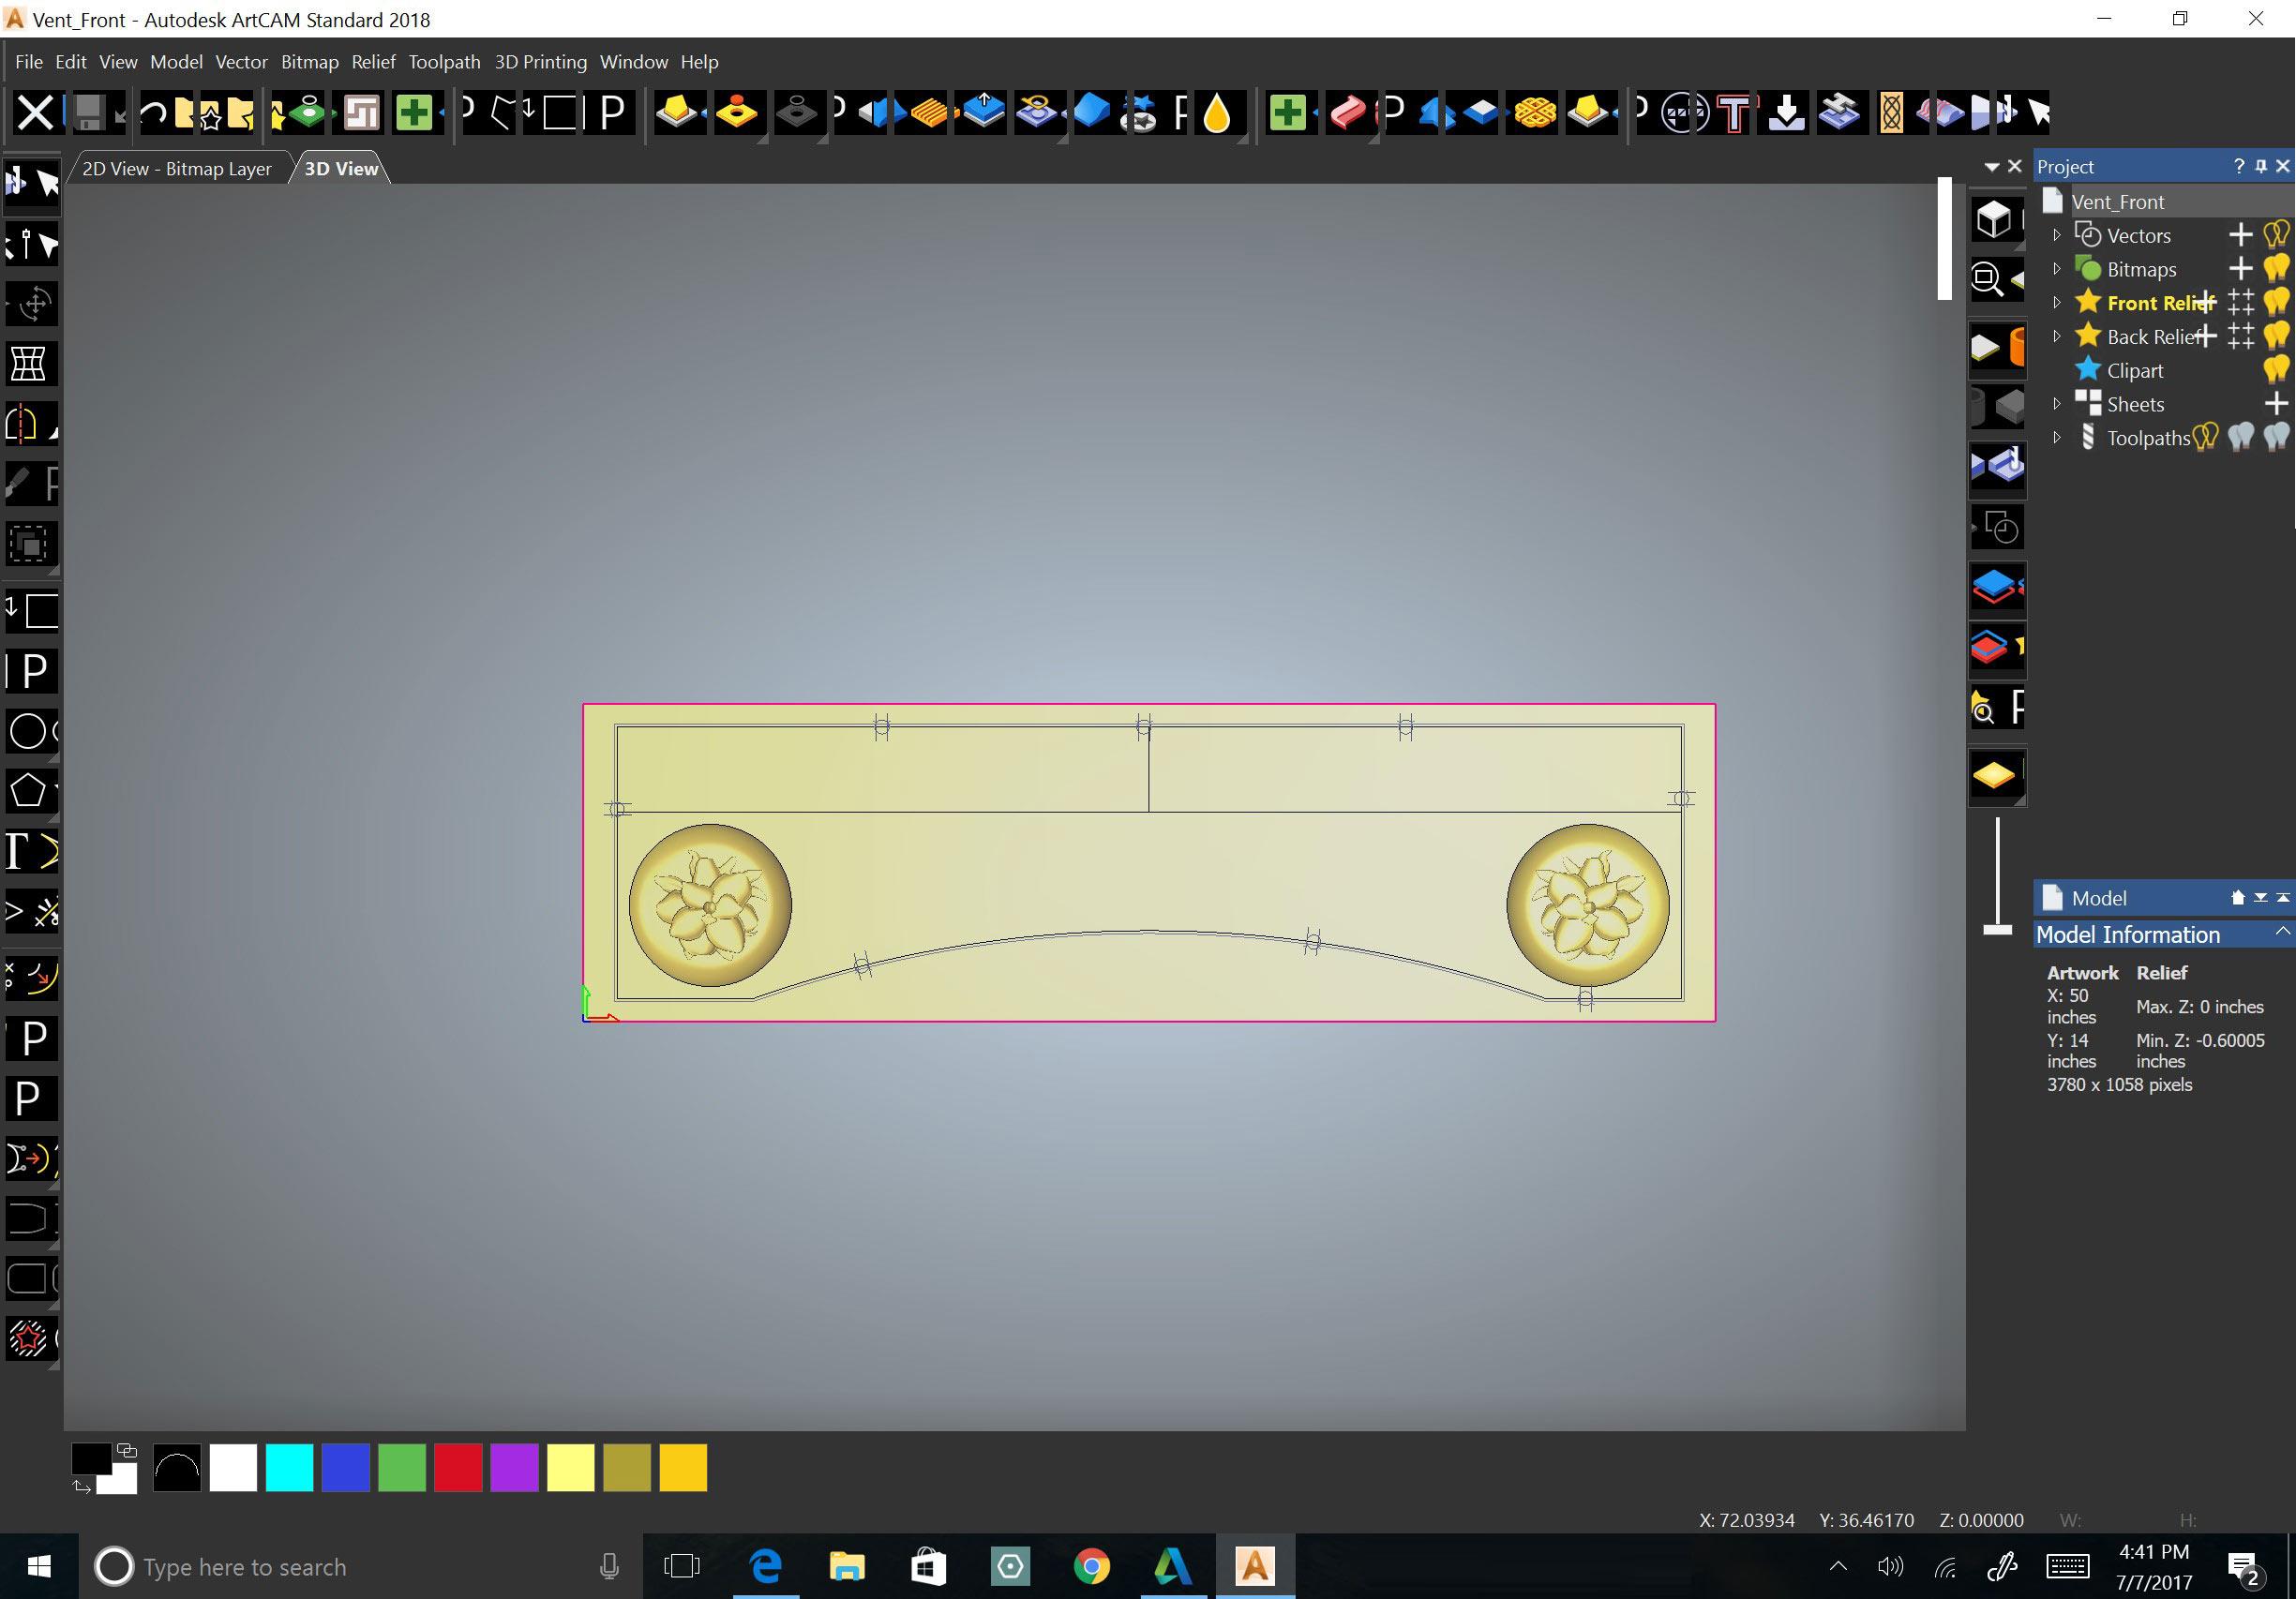 دانلود نرم افزار Autodesk ArtCAM